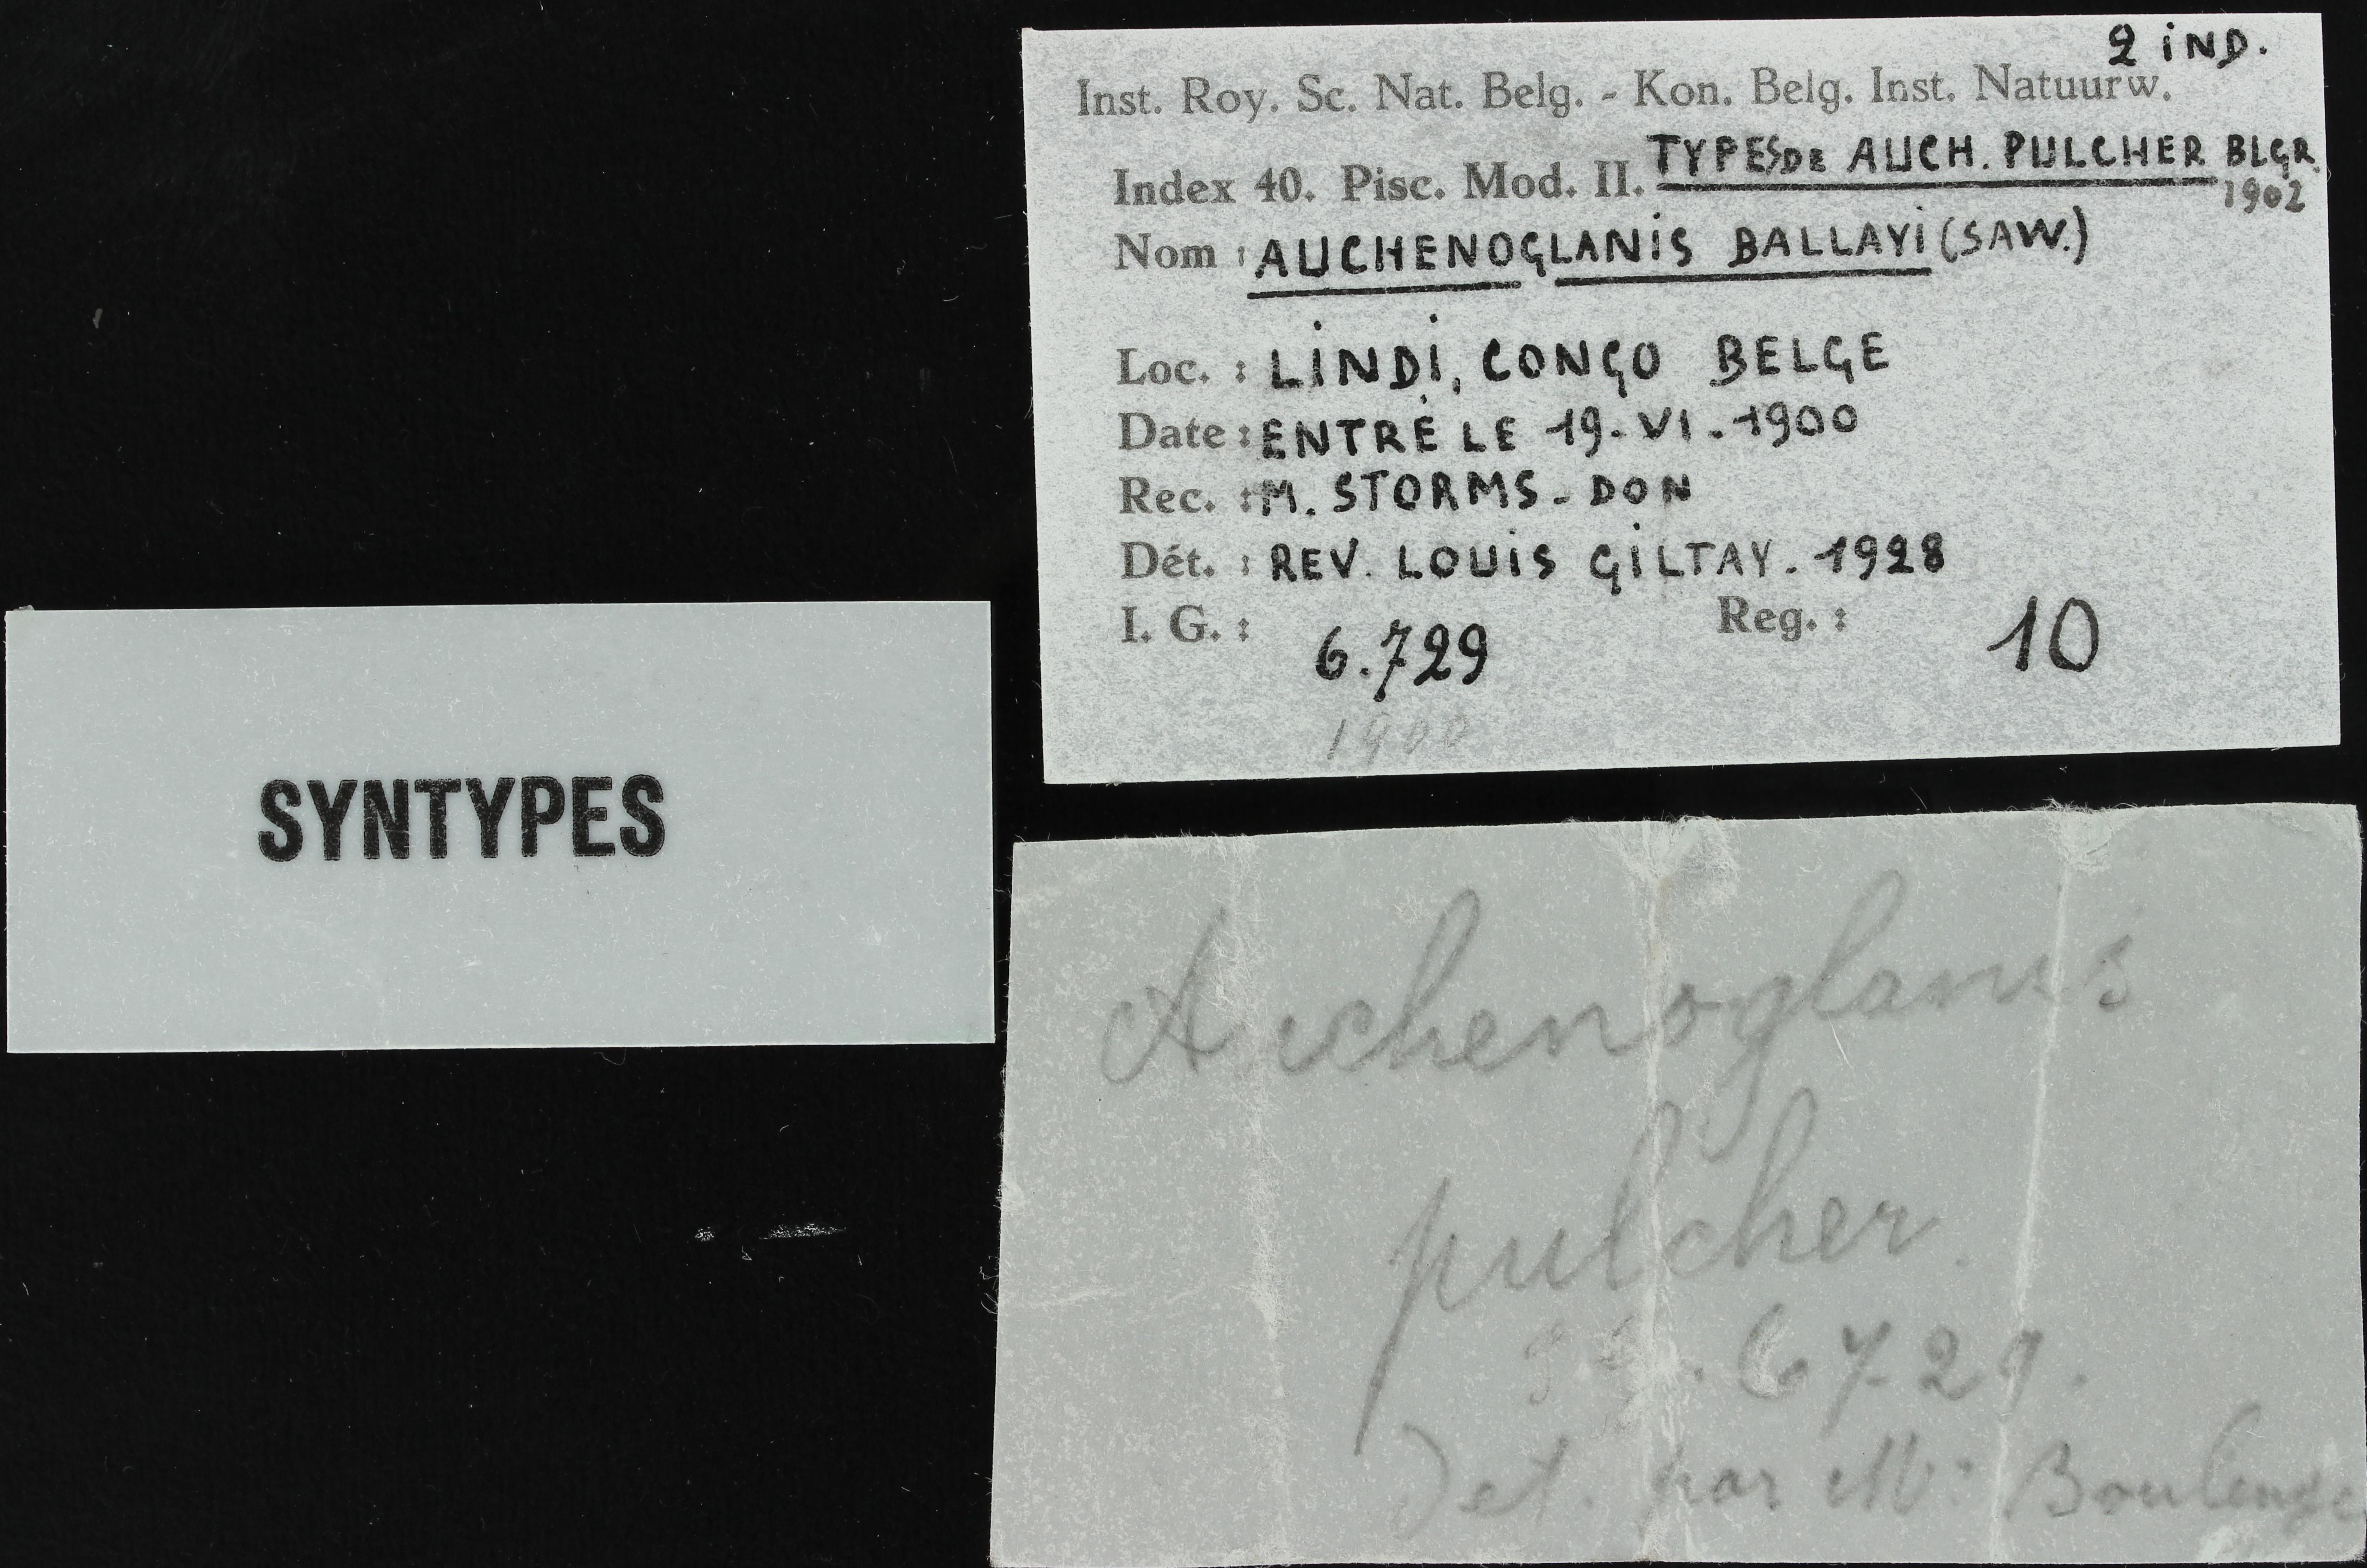 auchenoglanis pulcher RBINS 10 ticket.JPG